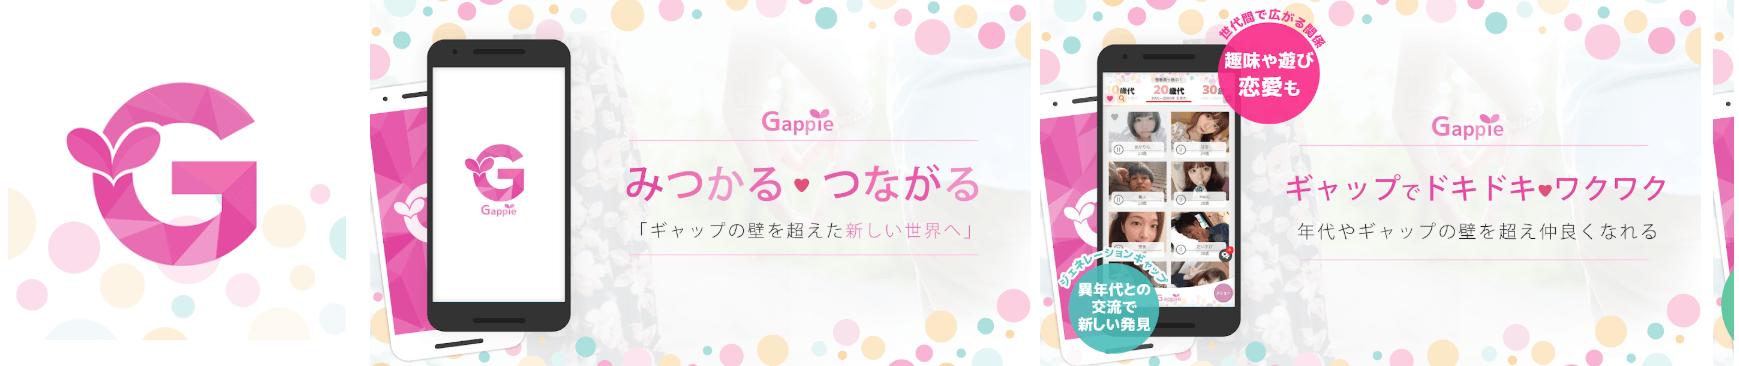 悪質出会い系アプリ「 Gappie(ギャッピー)」